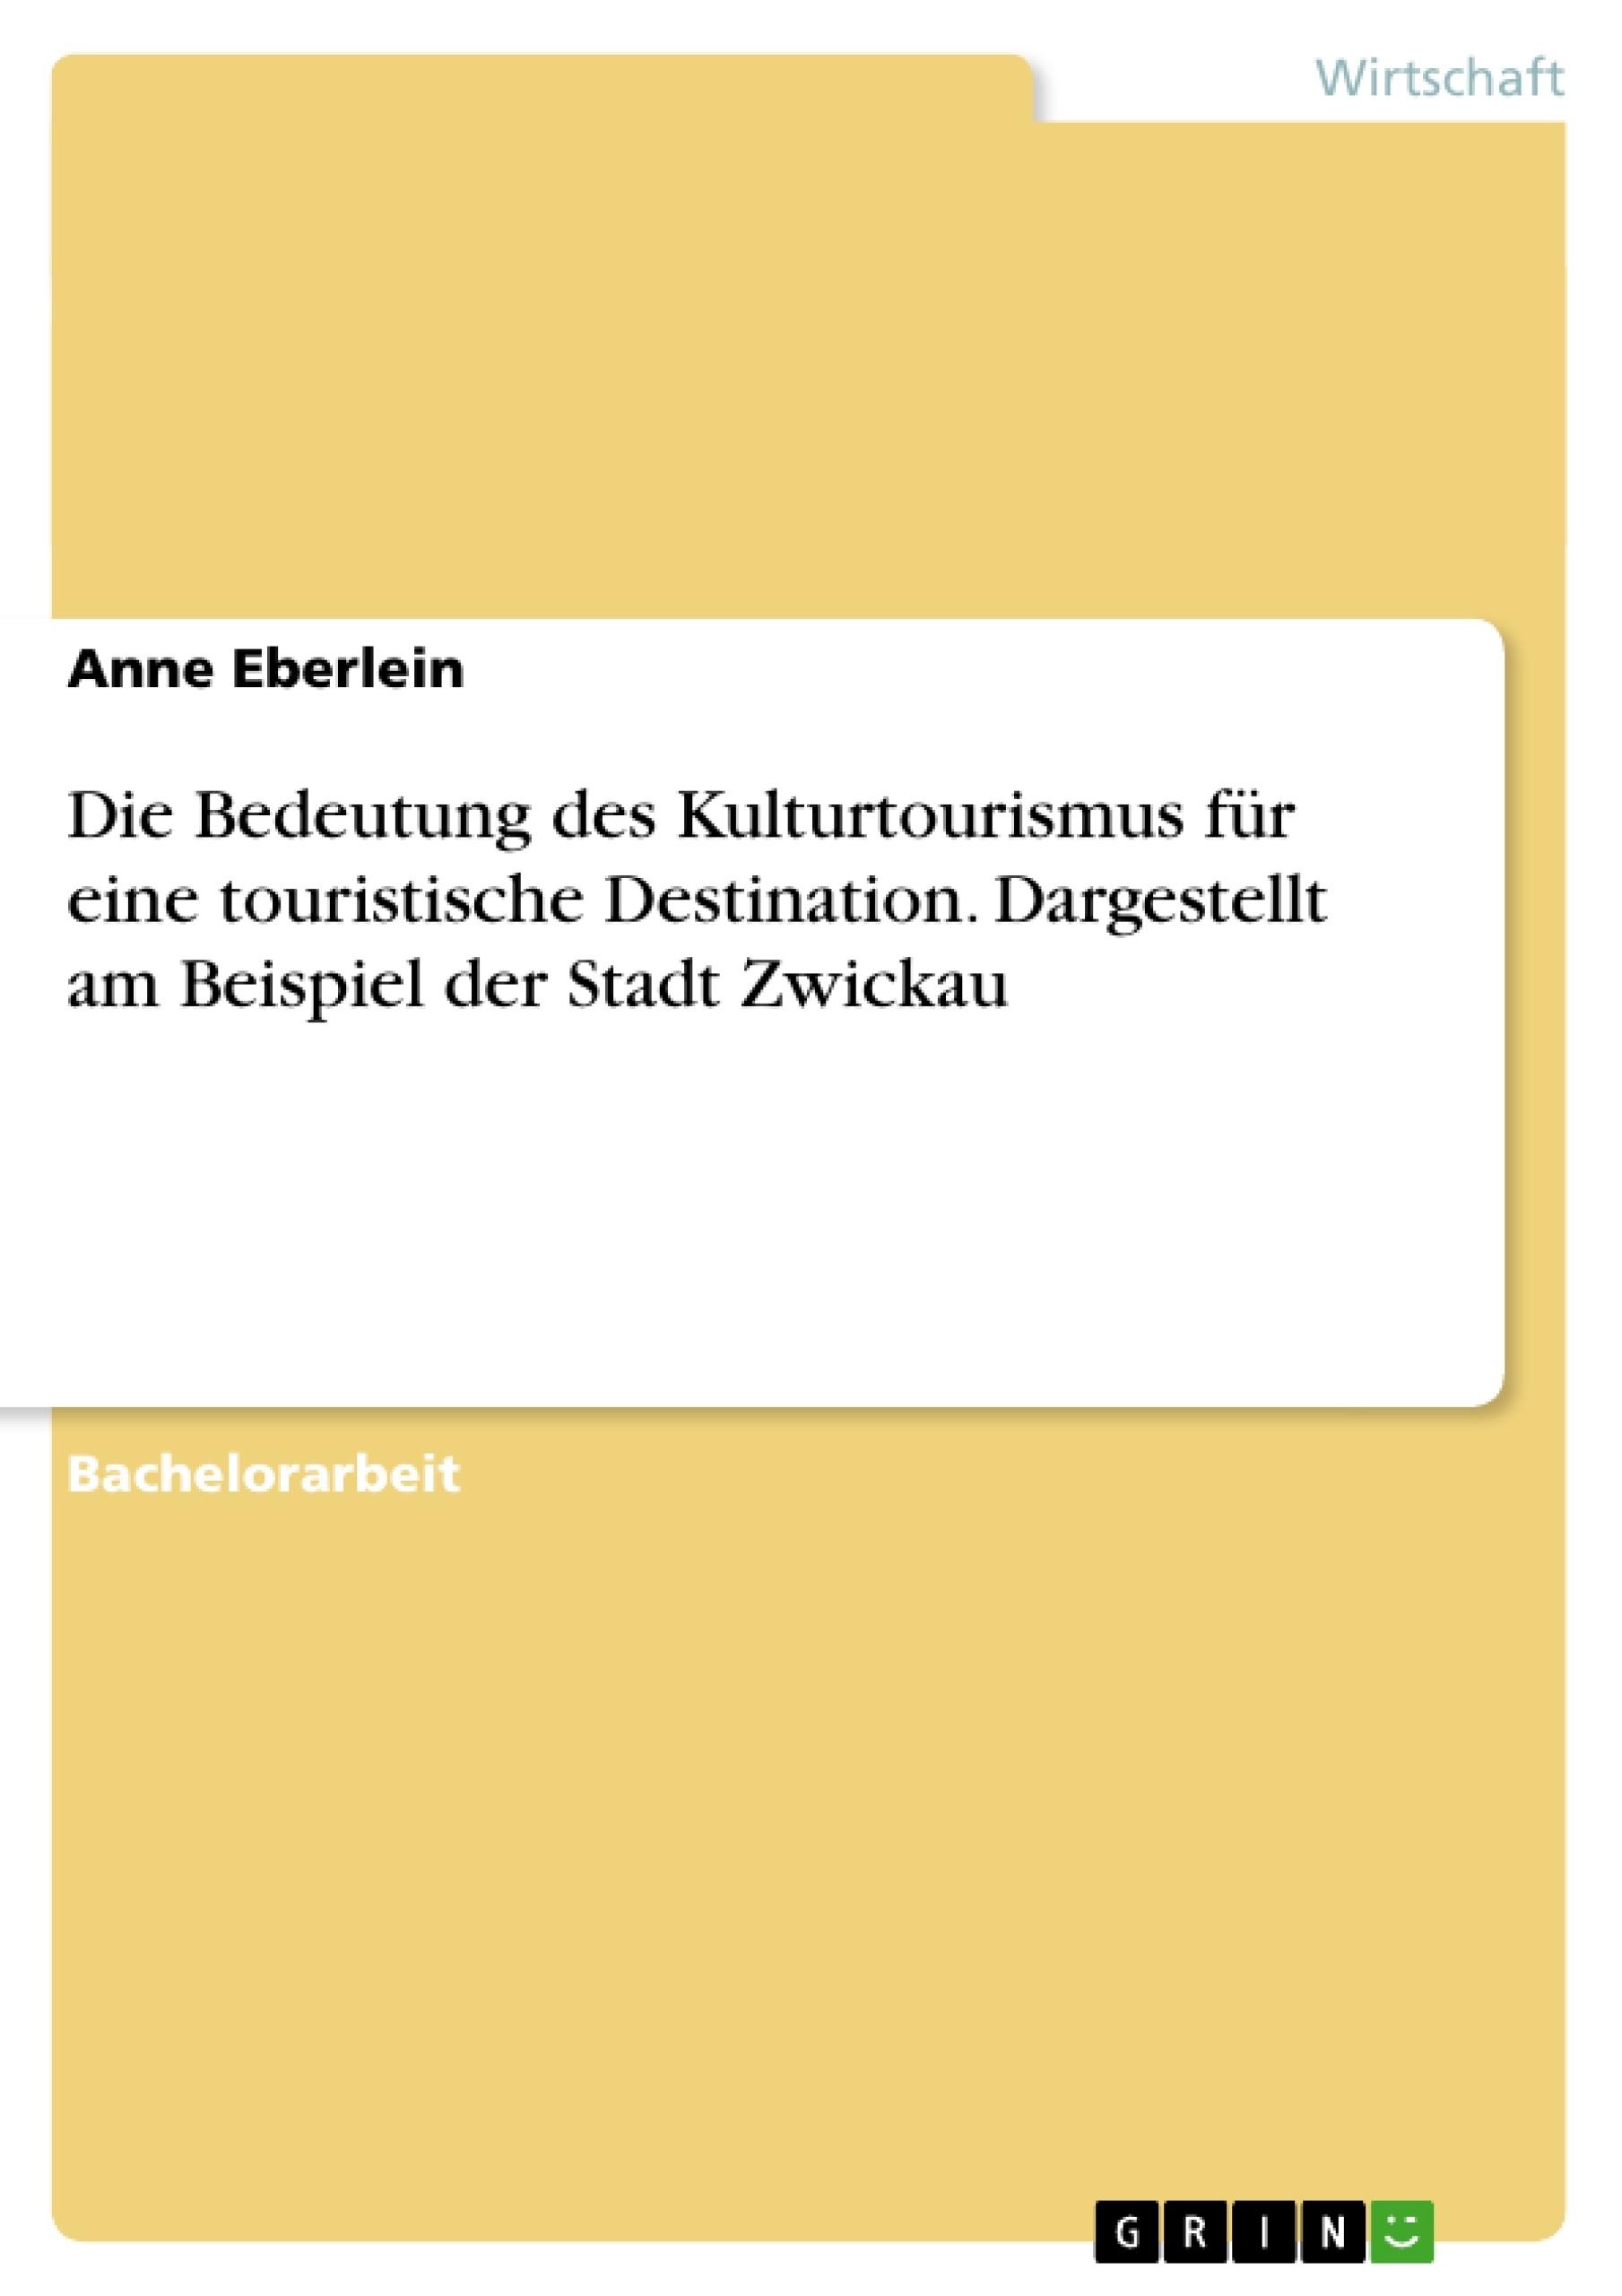 Titel: Die Bedeutung des Kulturtourismus für eine touristische Destination. Dargestellt am Beispiel der Stadt Zwickau